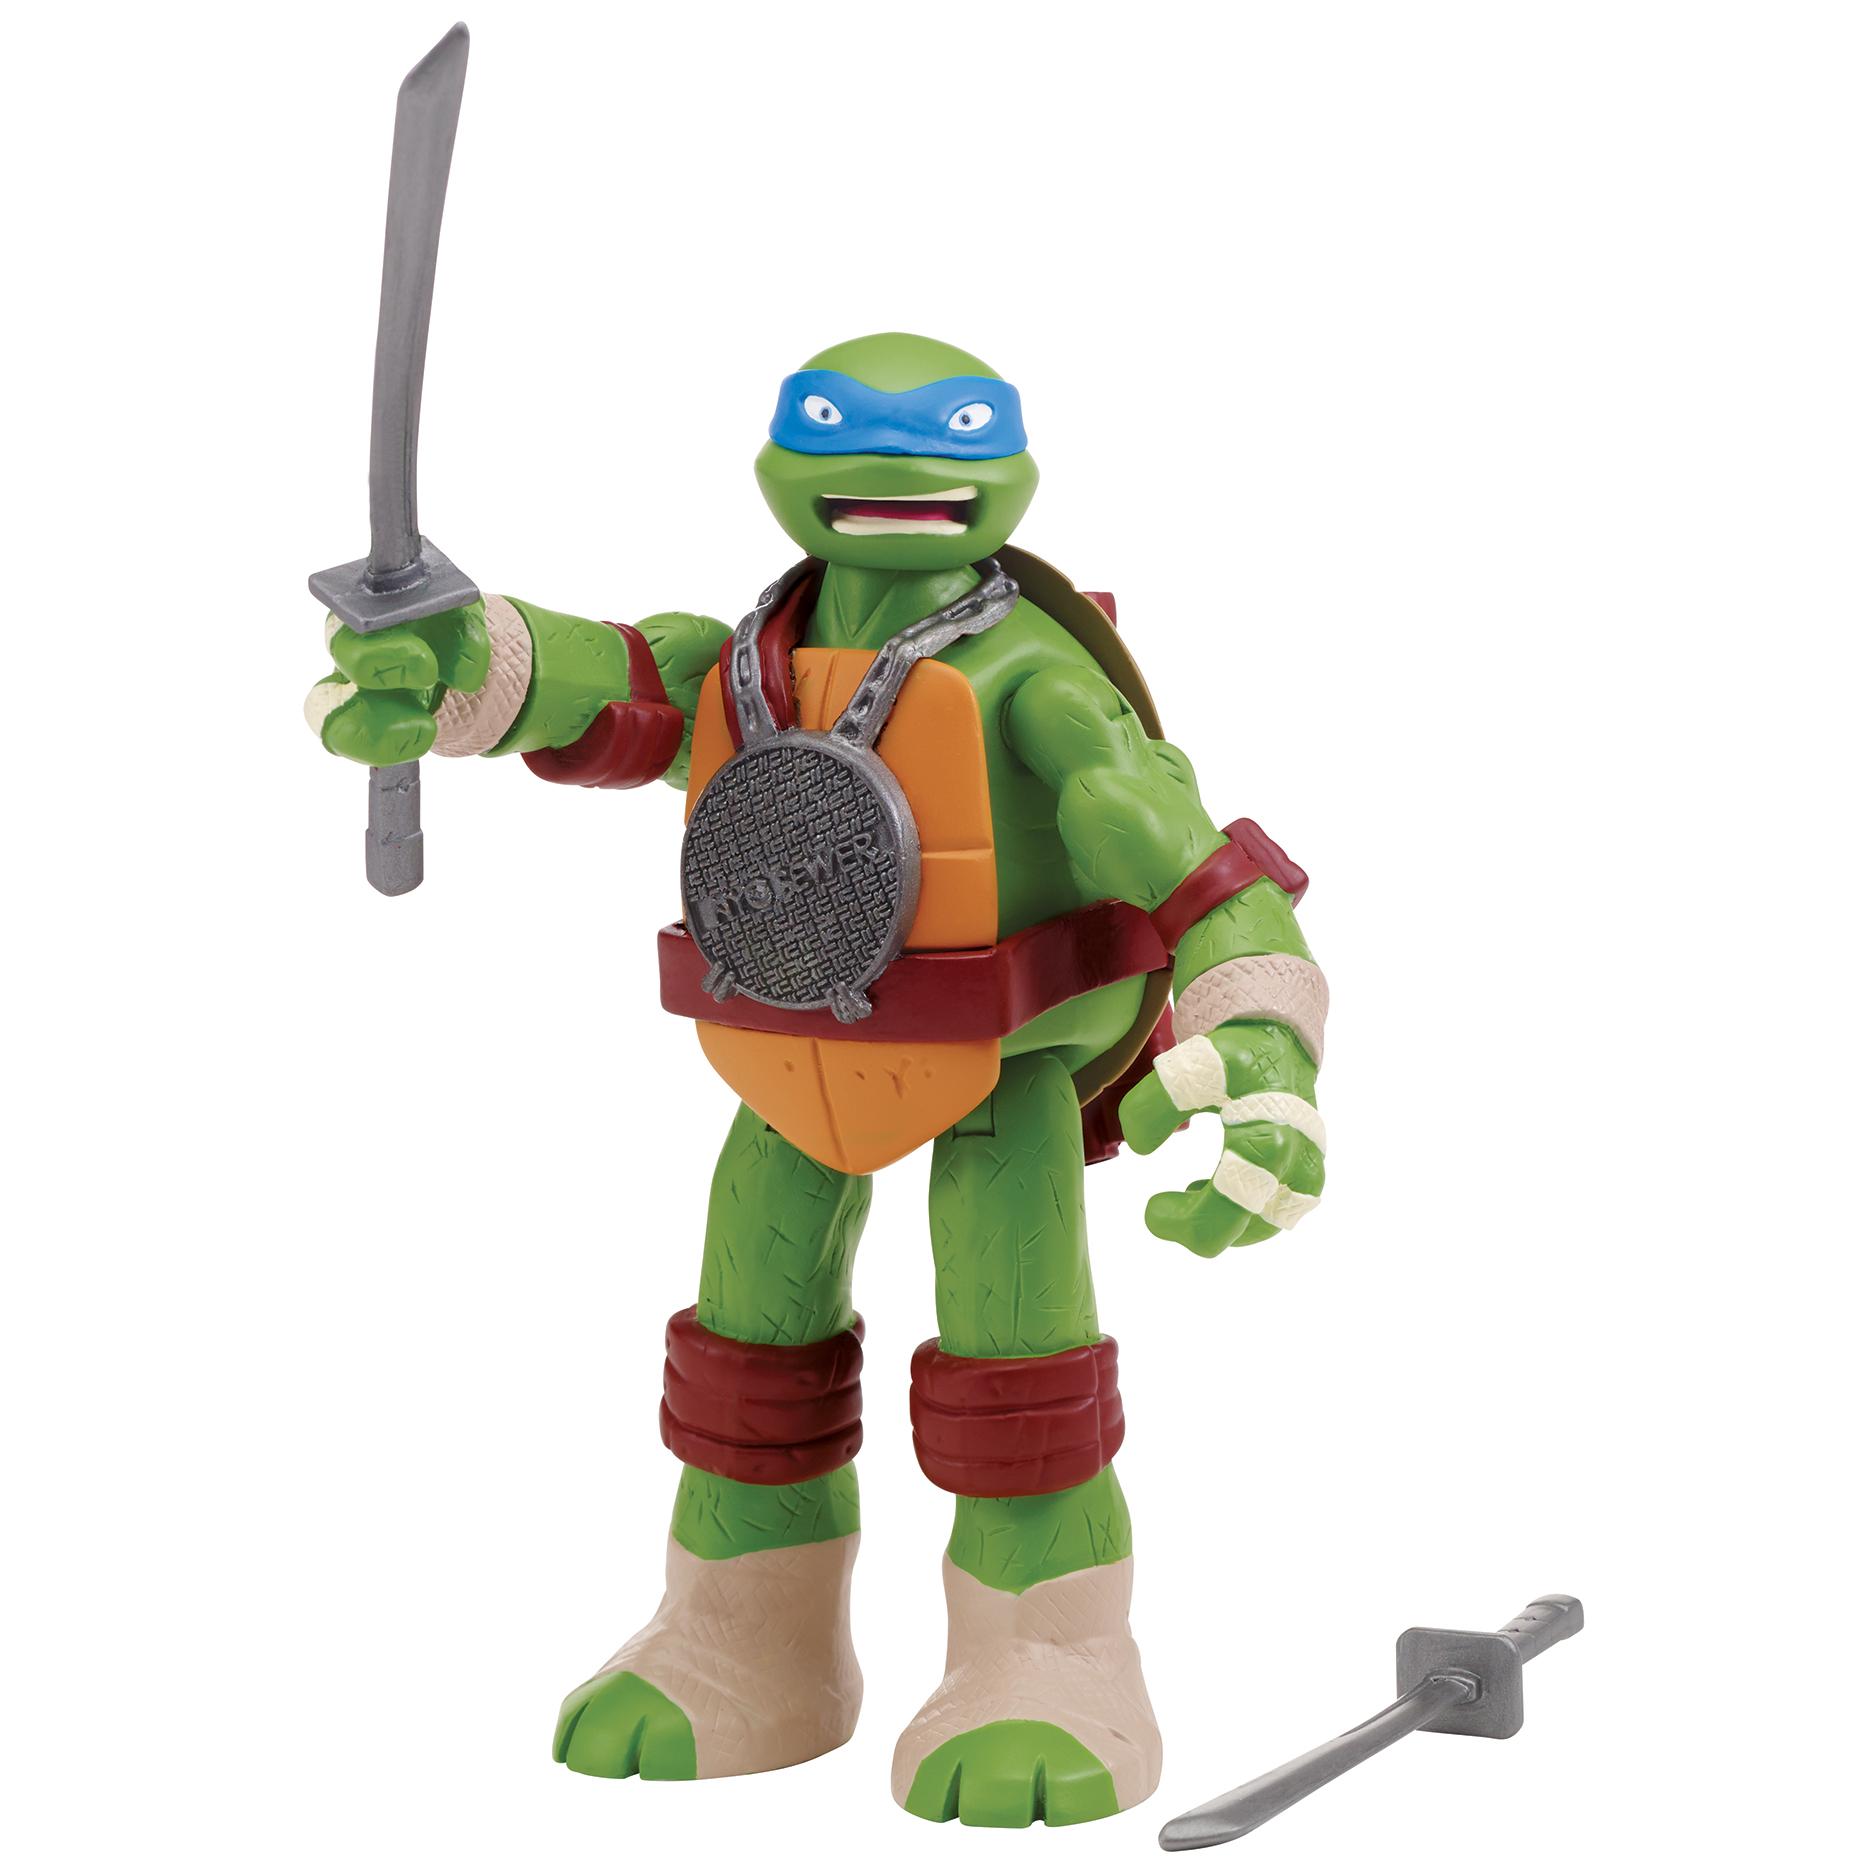 Teenage Mutant Ninja Turtles Hand-To-Hand Leonardo Action Figure PartNumber: 004W005200115027P